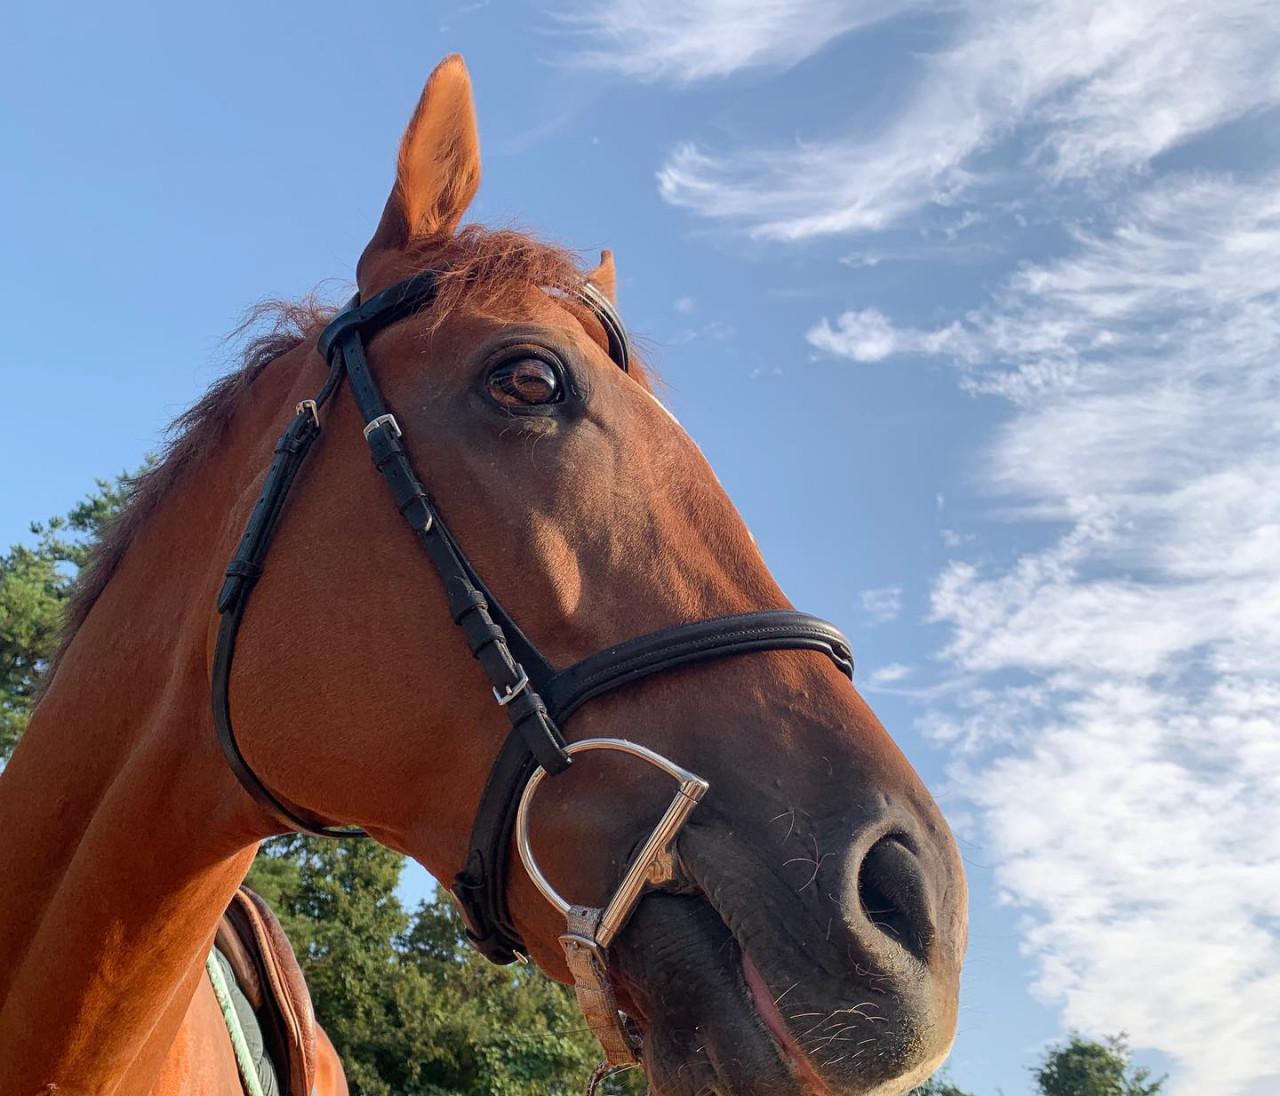 引退競走馬の余生に携わるという幸せについて【30代に幸せをくれるものvol.28】